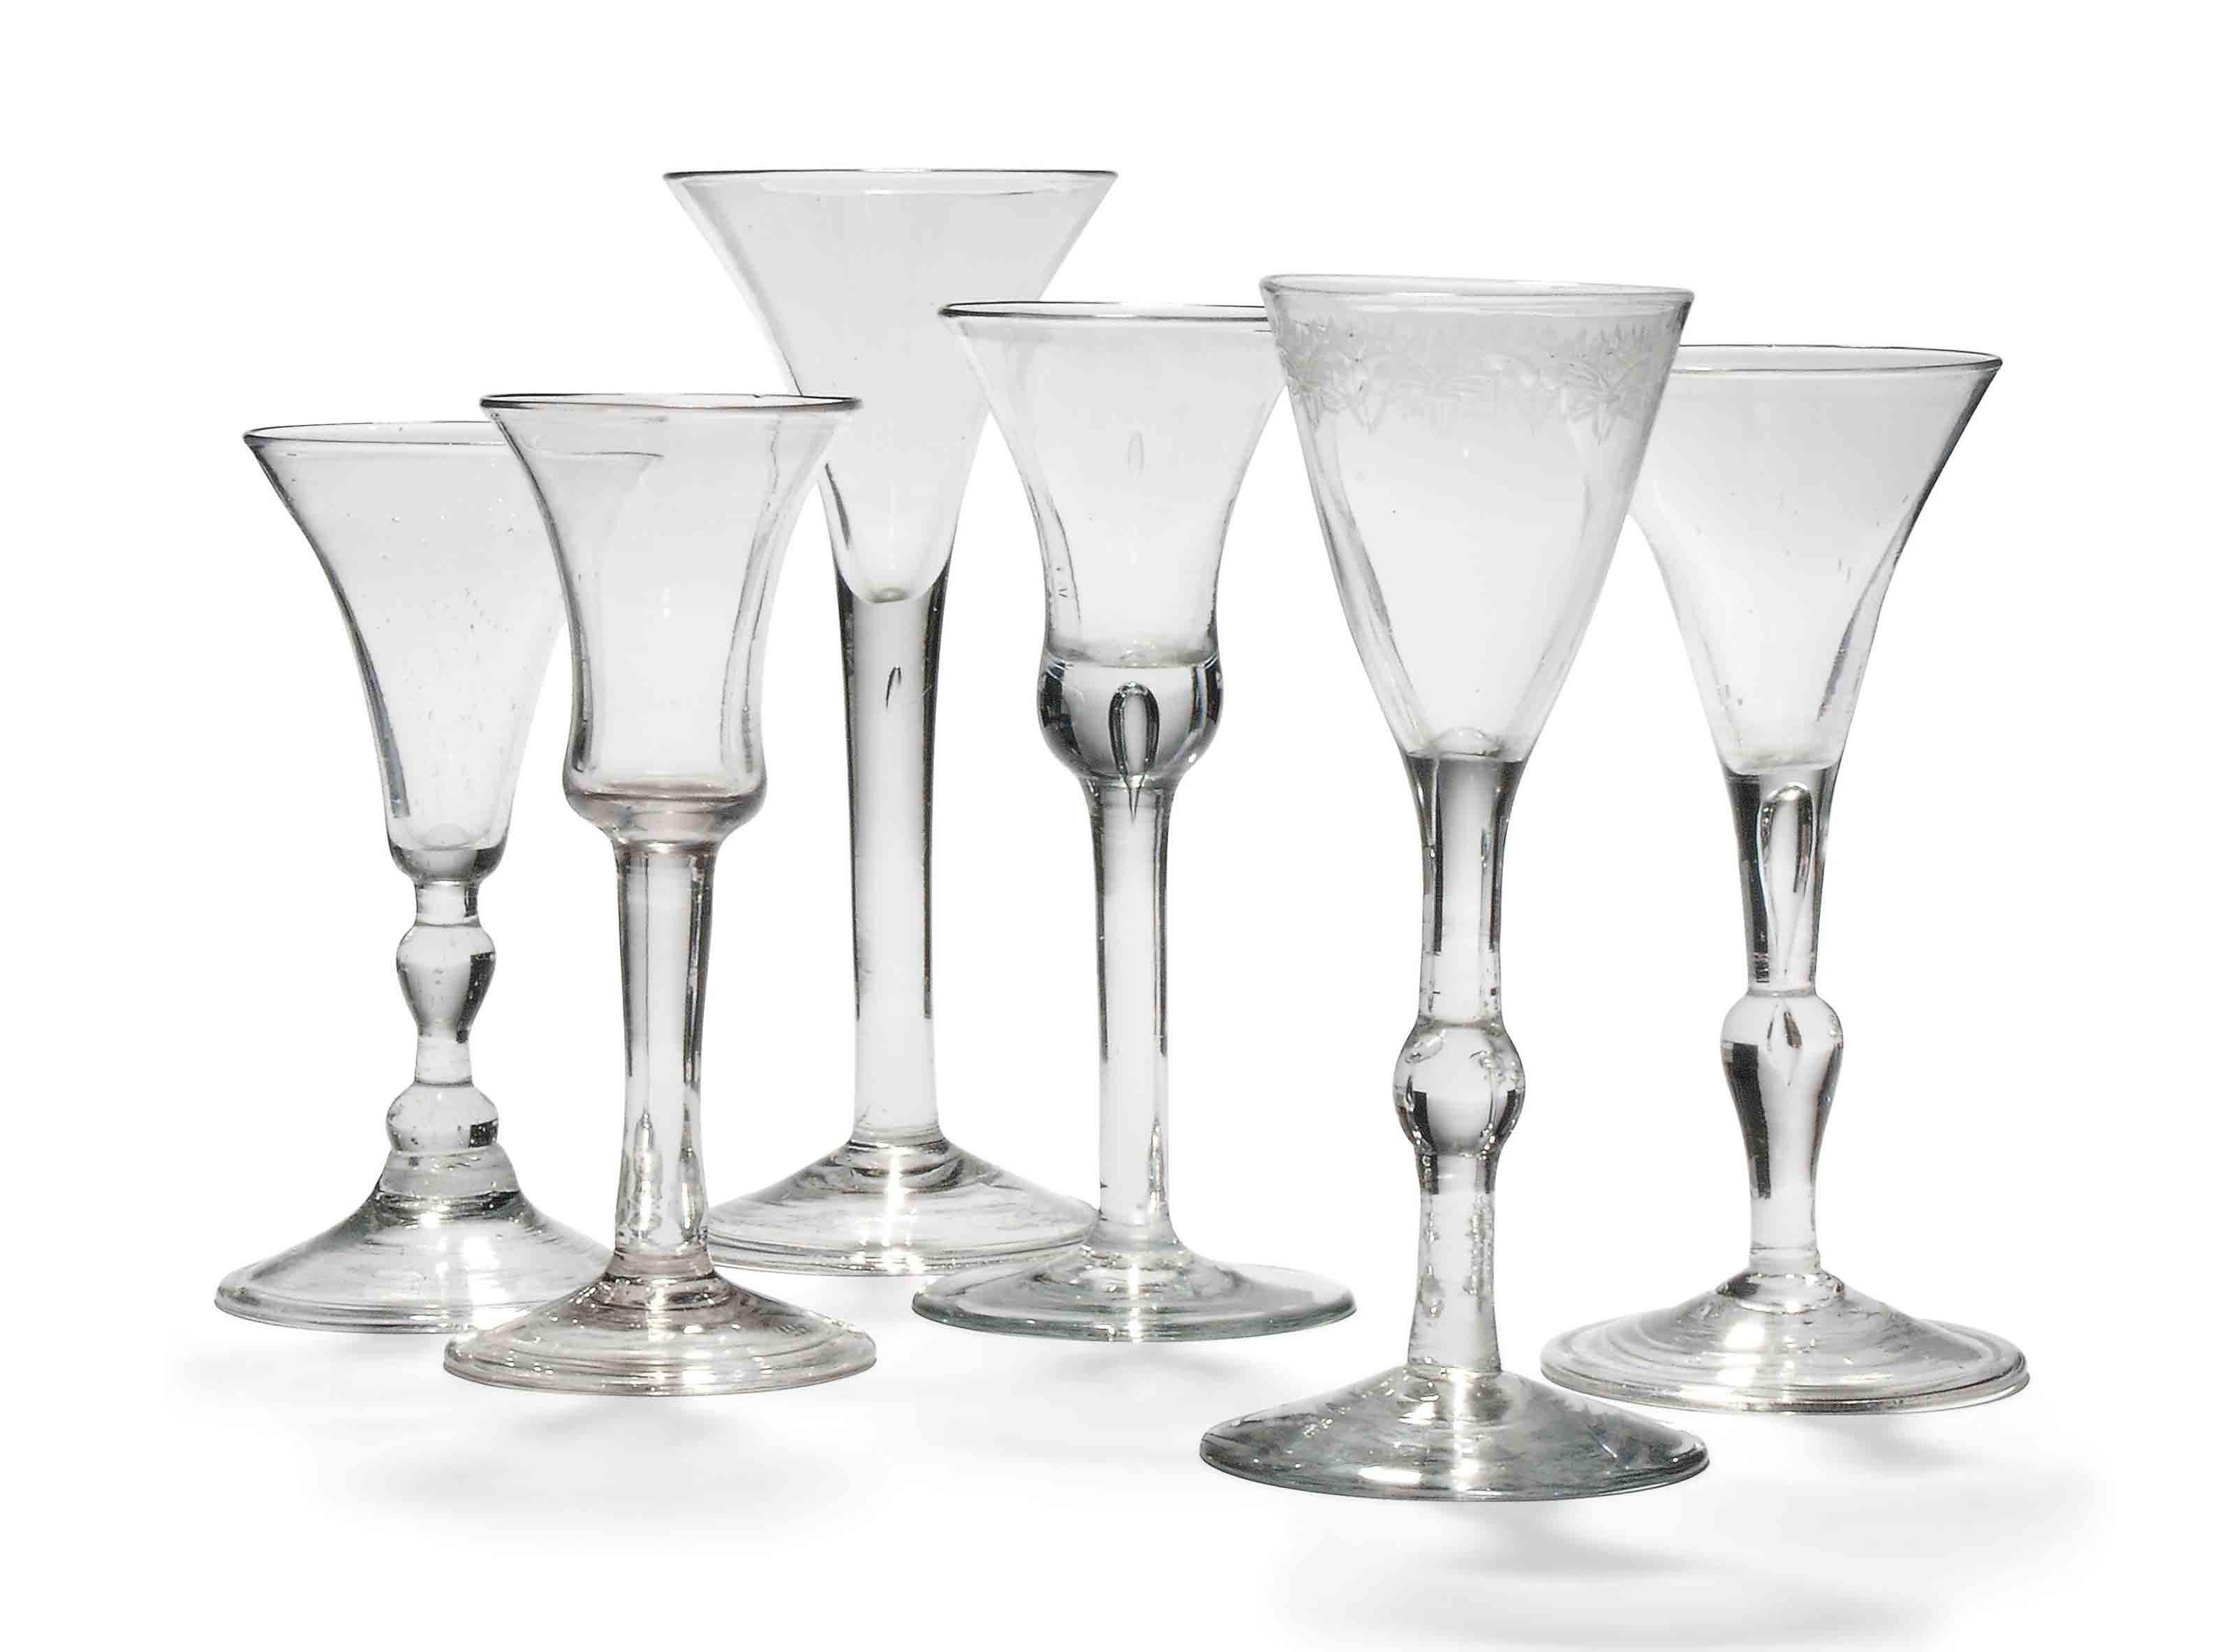 SIX WINE GLASSES